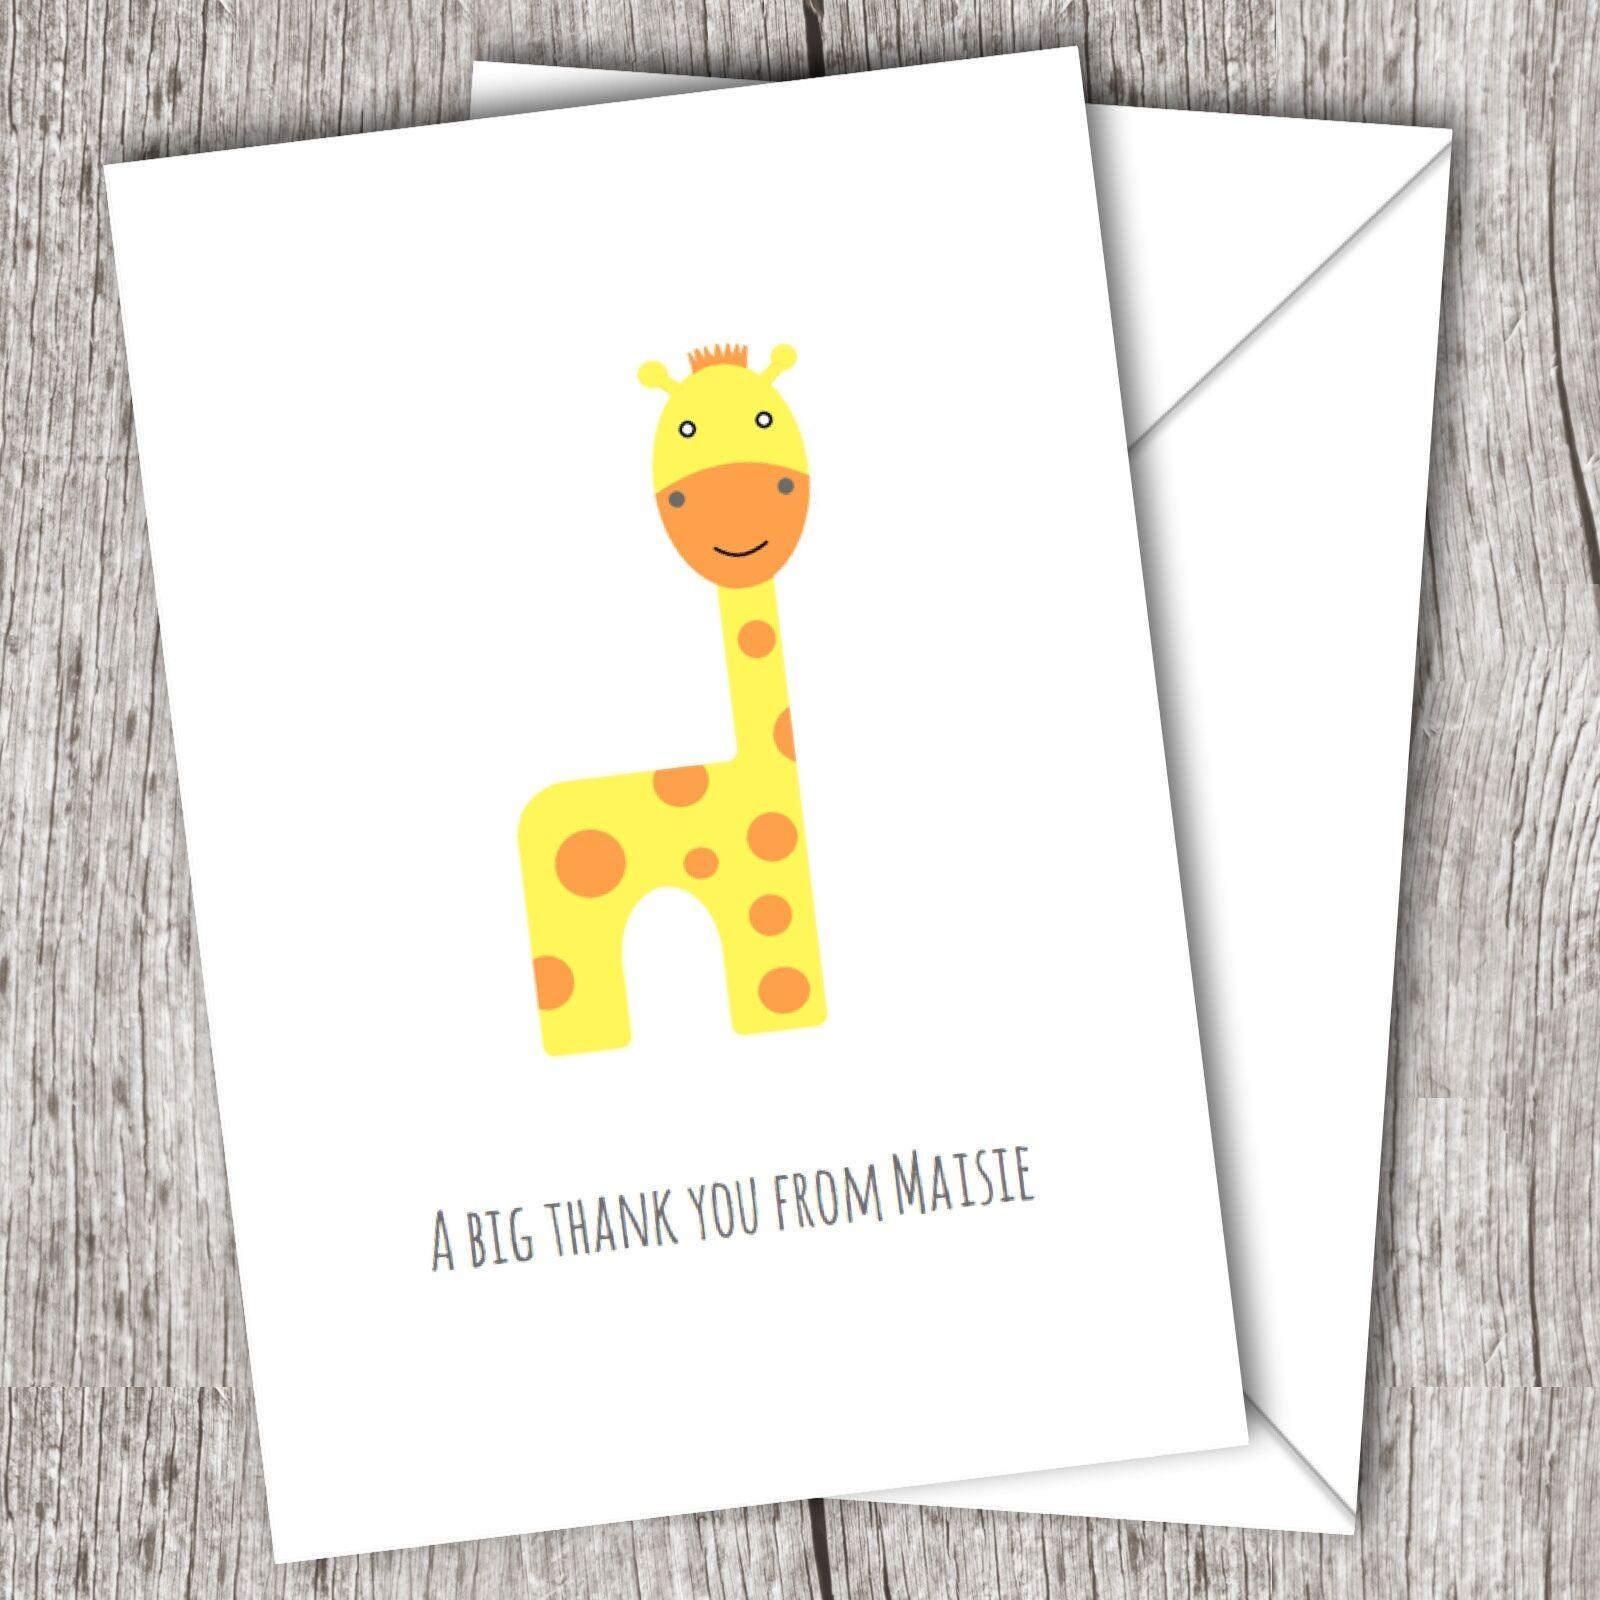 Personalised piegato Ringraziamenti Ringraziamenti Ringraziamenti  Ragazzi Ragazze Bambini  Giraffa Giallo 64e32b